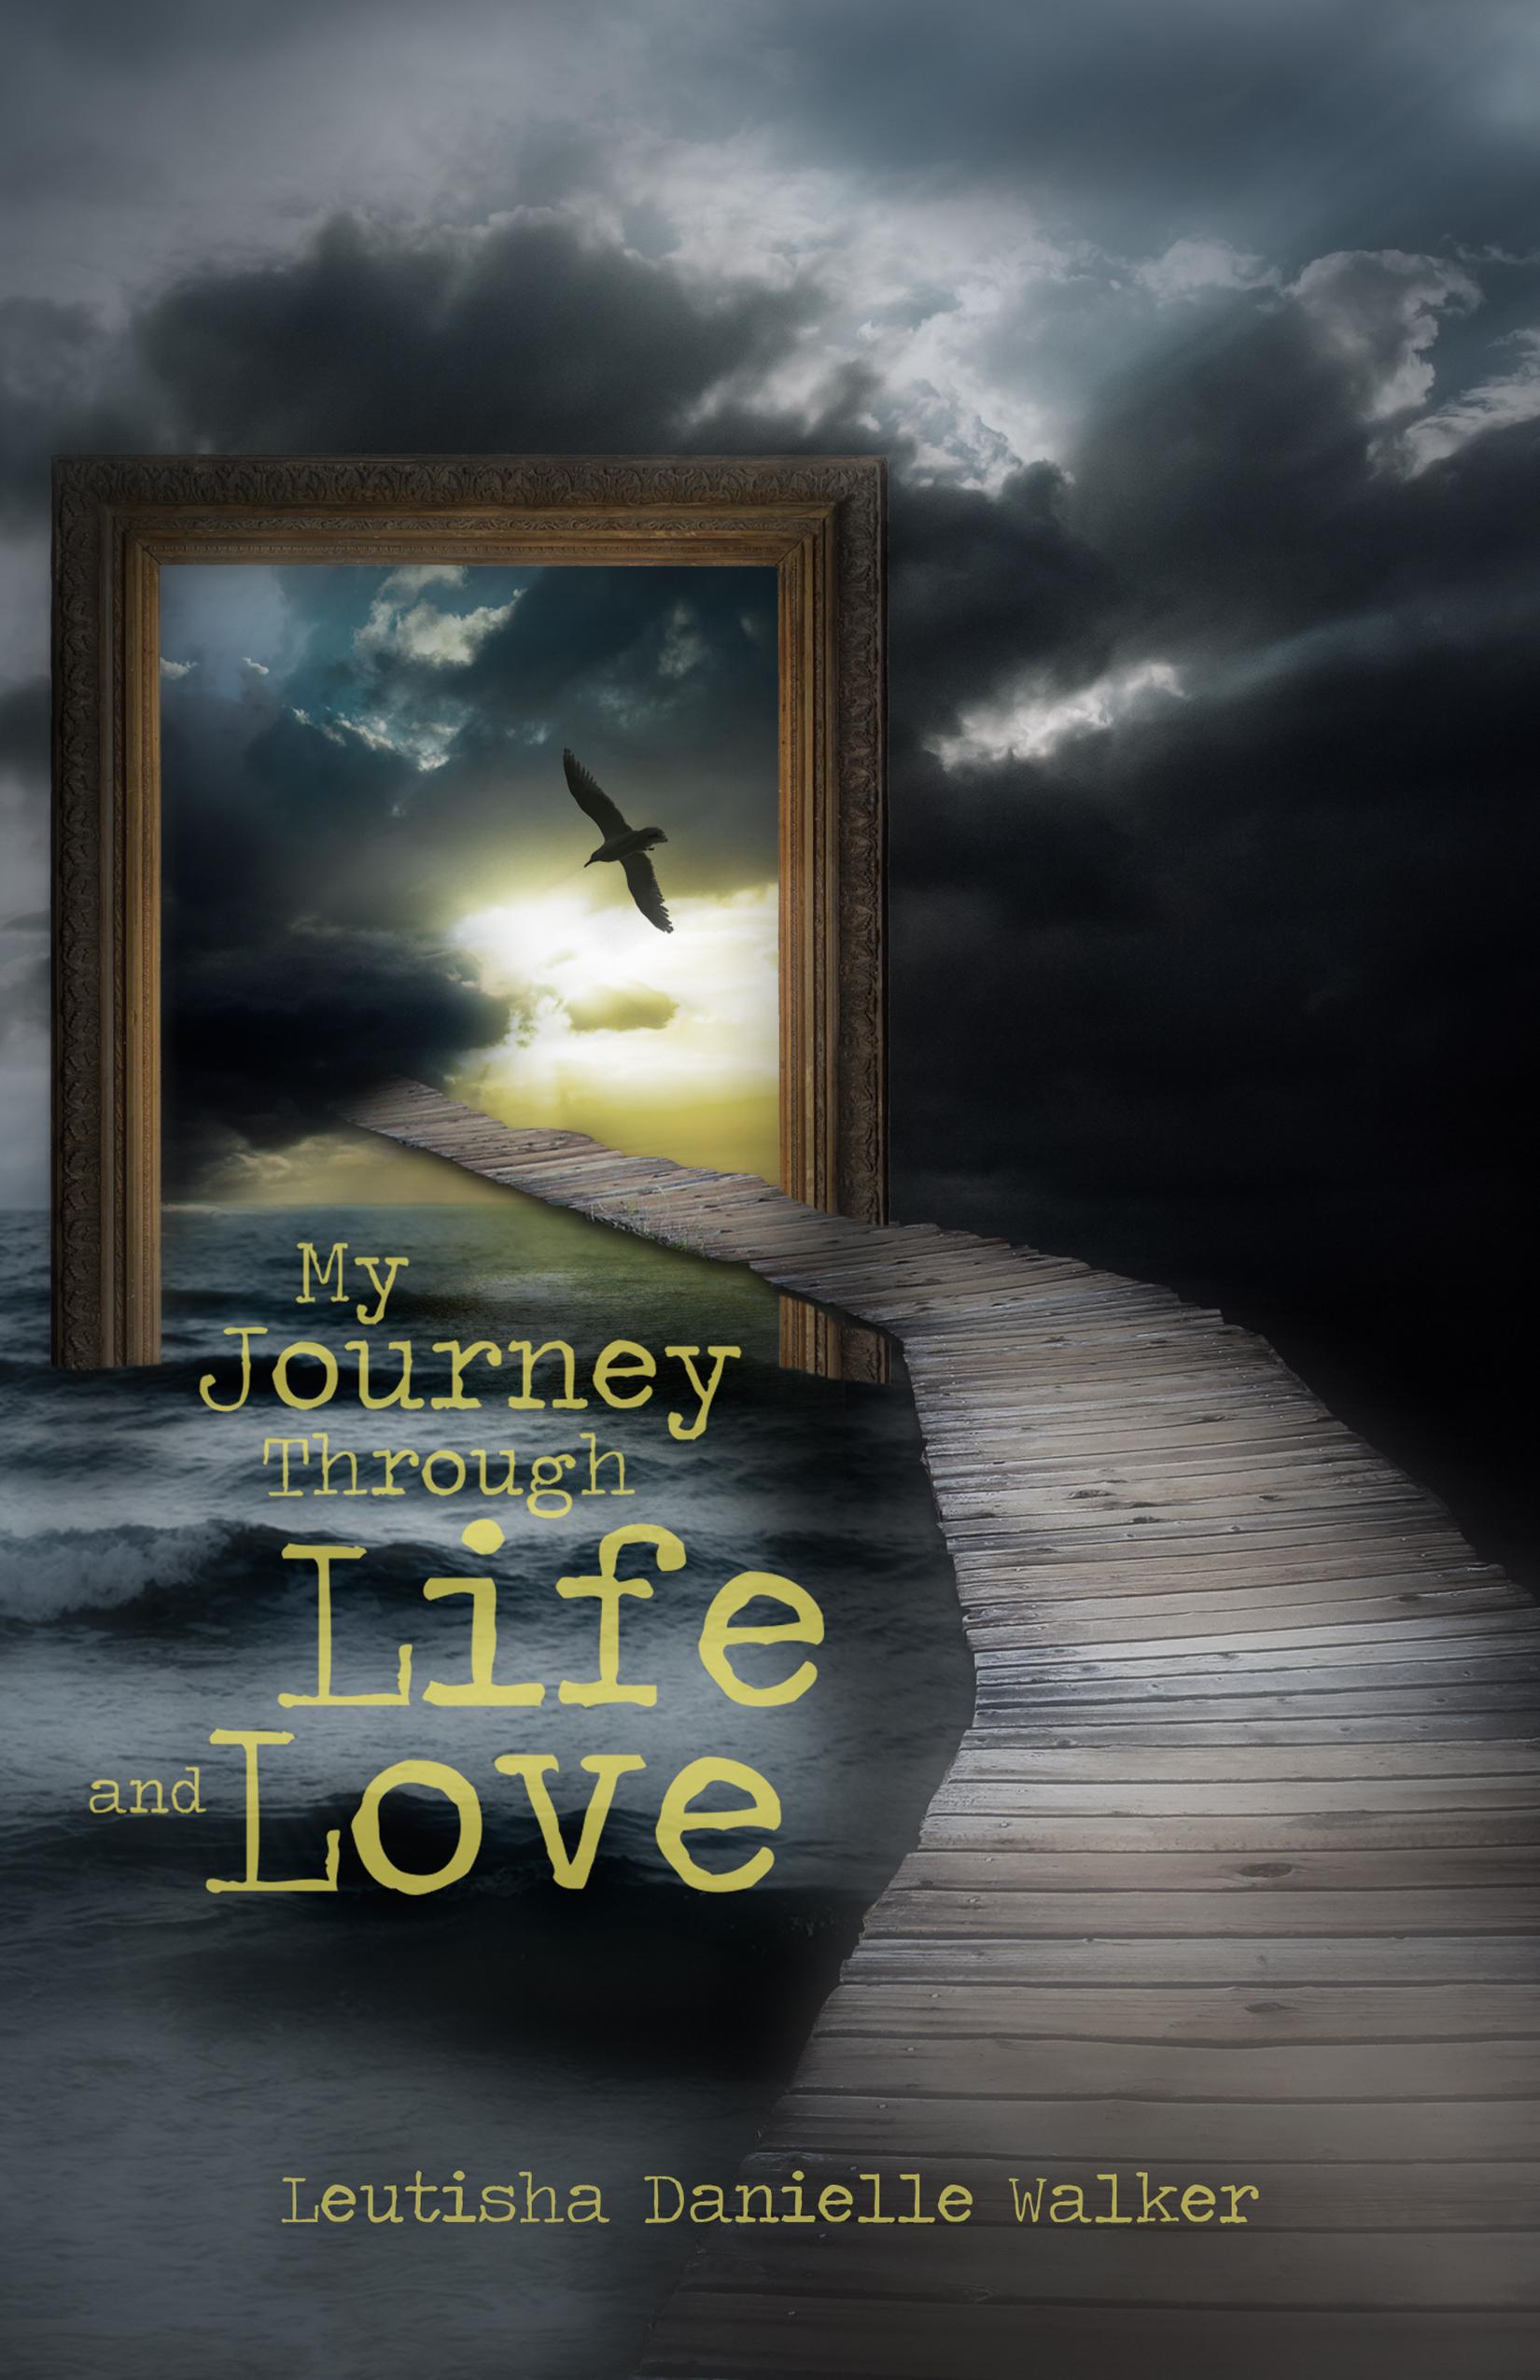 JourneyLifeLove_FRONTcover